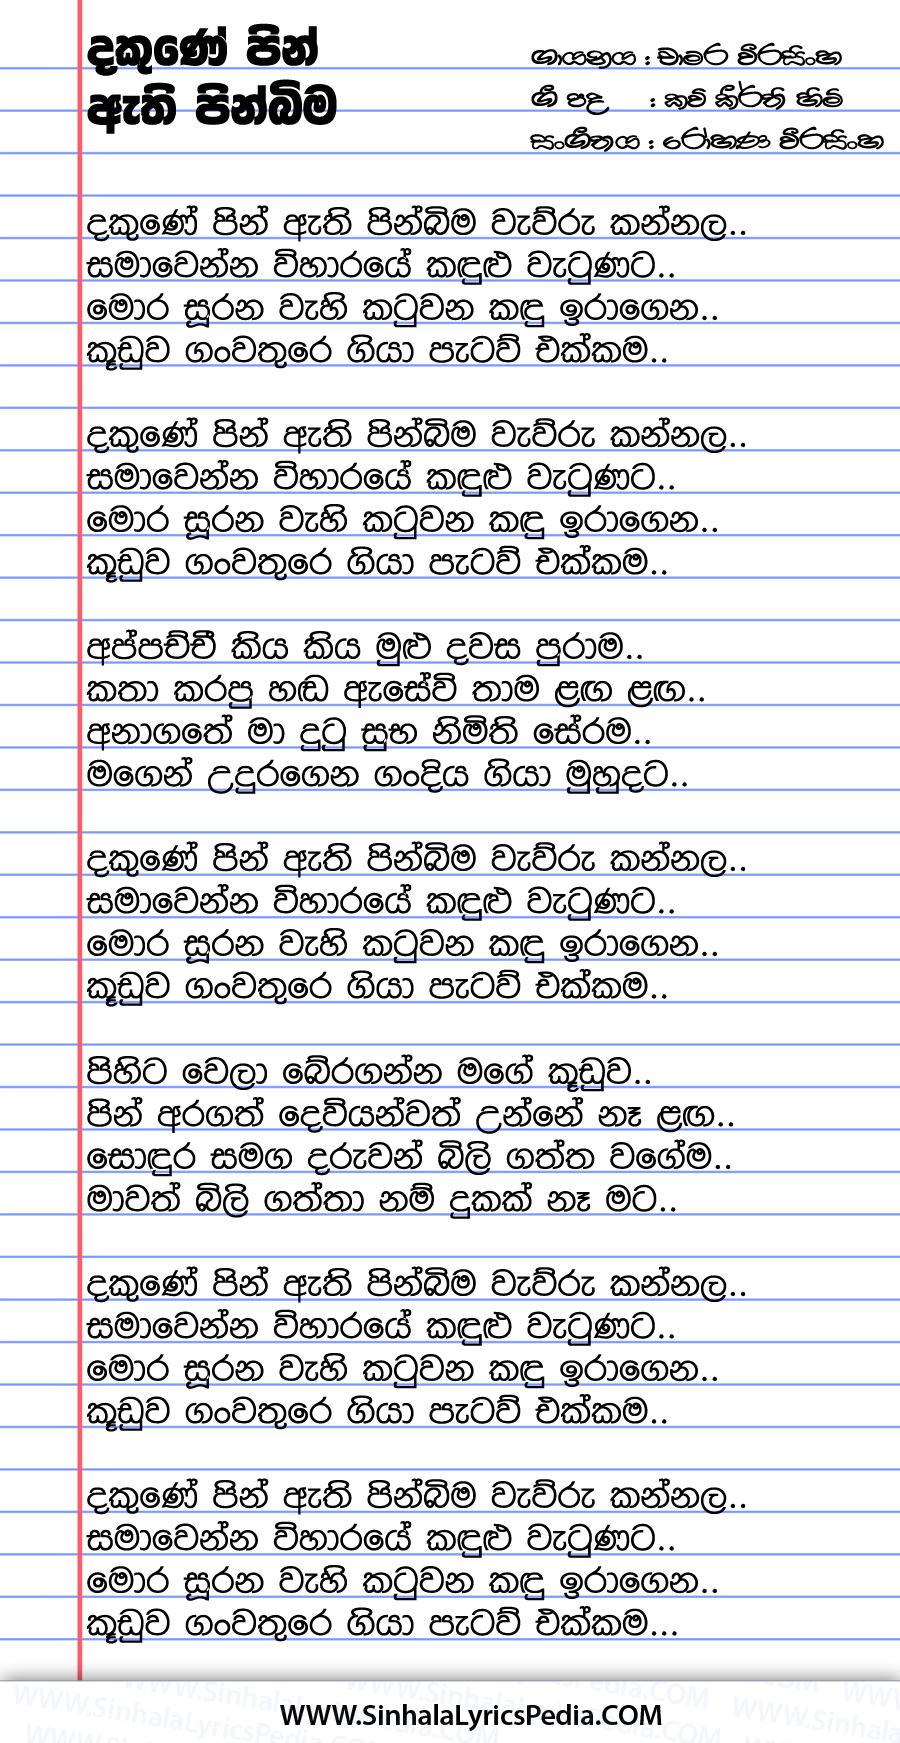 Dakune Pin Athi Pin Bima Song Lyrics